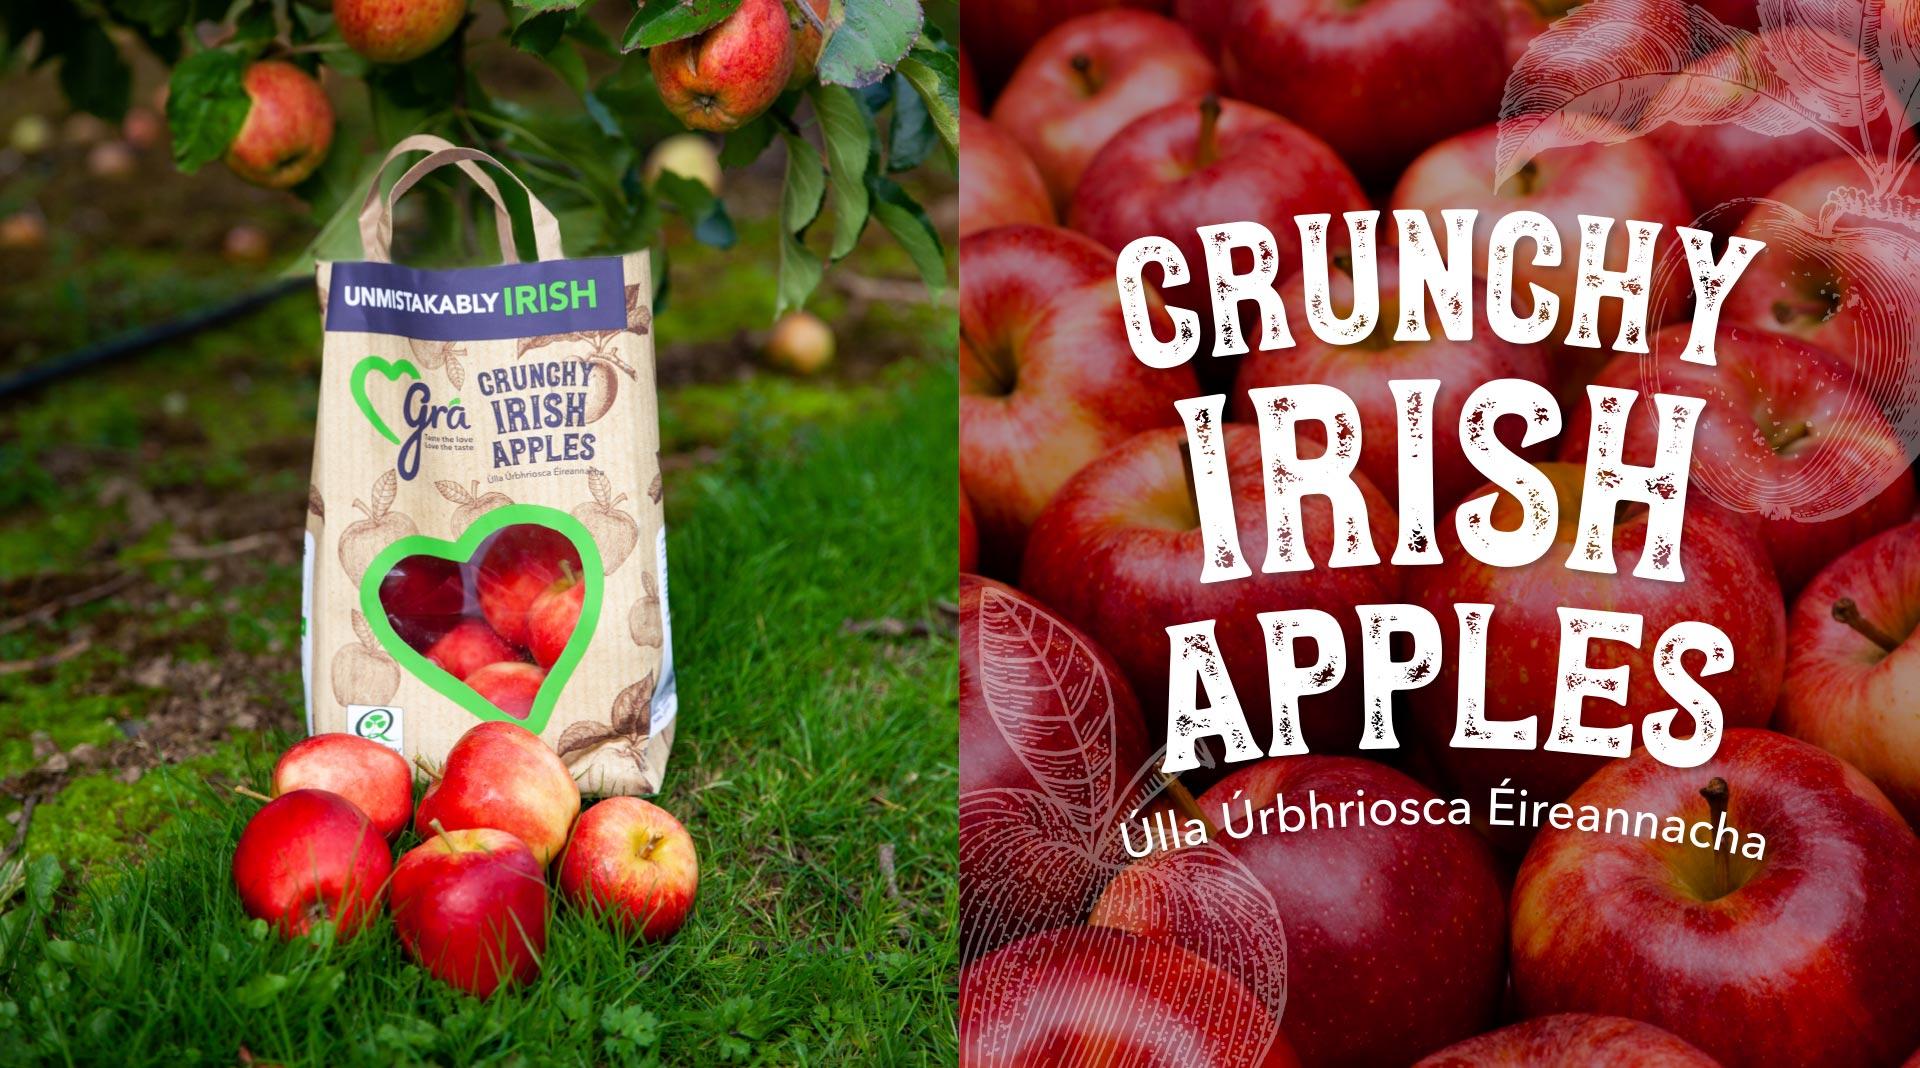 Grá apple packaging design.